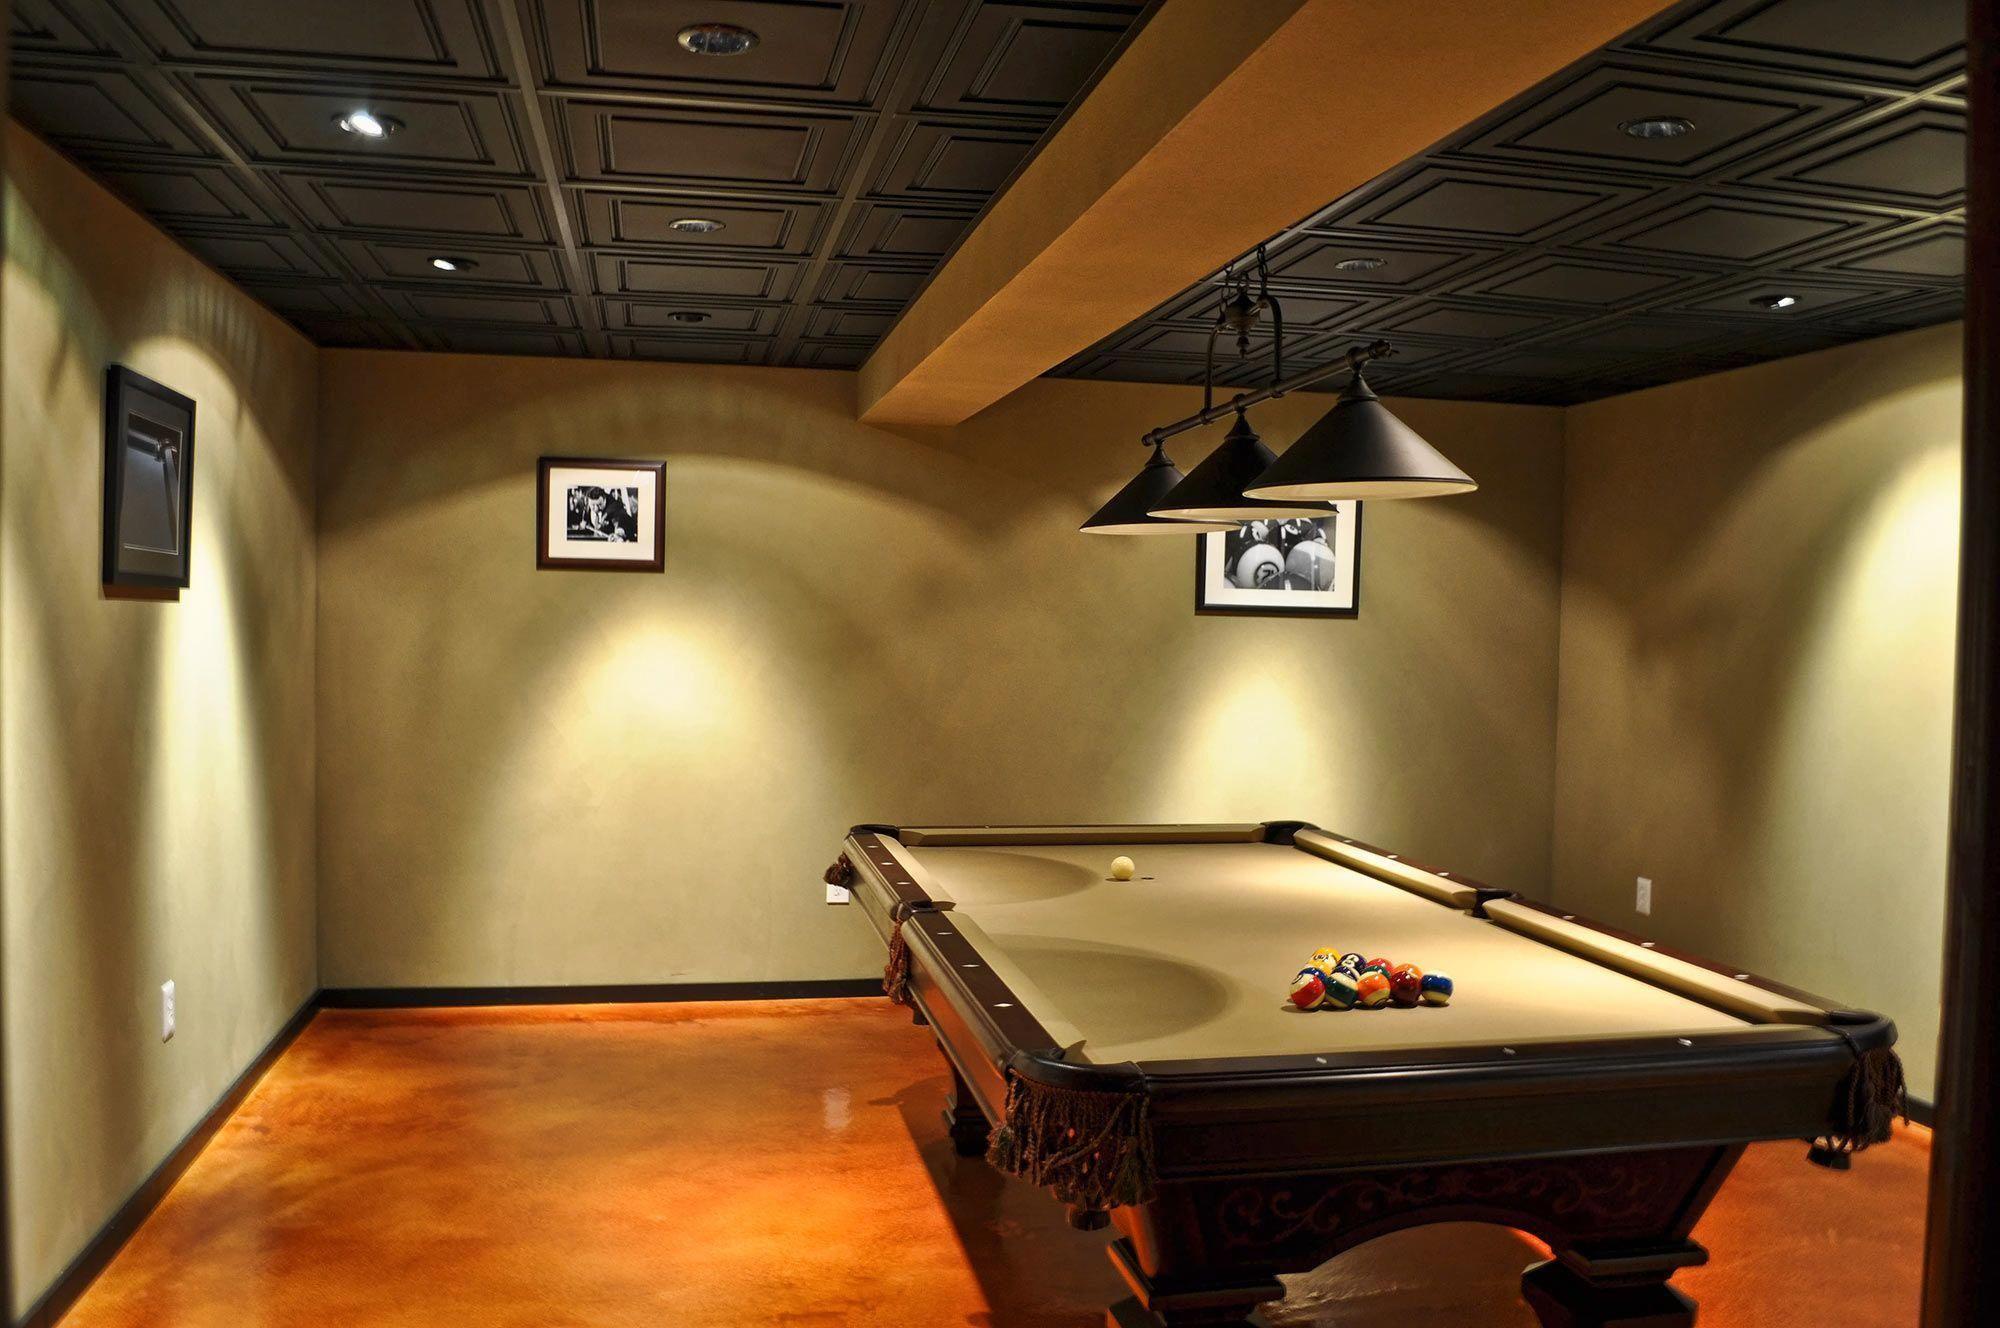 Black Stratford Tiles For A Basement Remodelingideasdiy Ceiling Tiles Basement Basement Ceiling Decorative Ceiling Tile